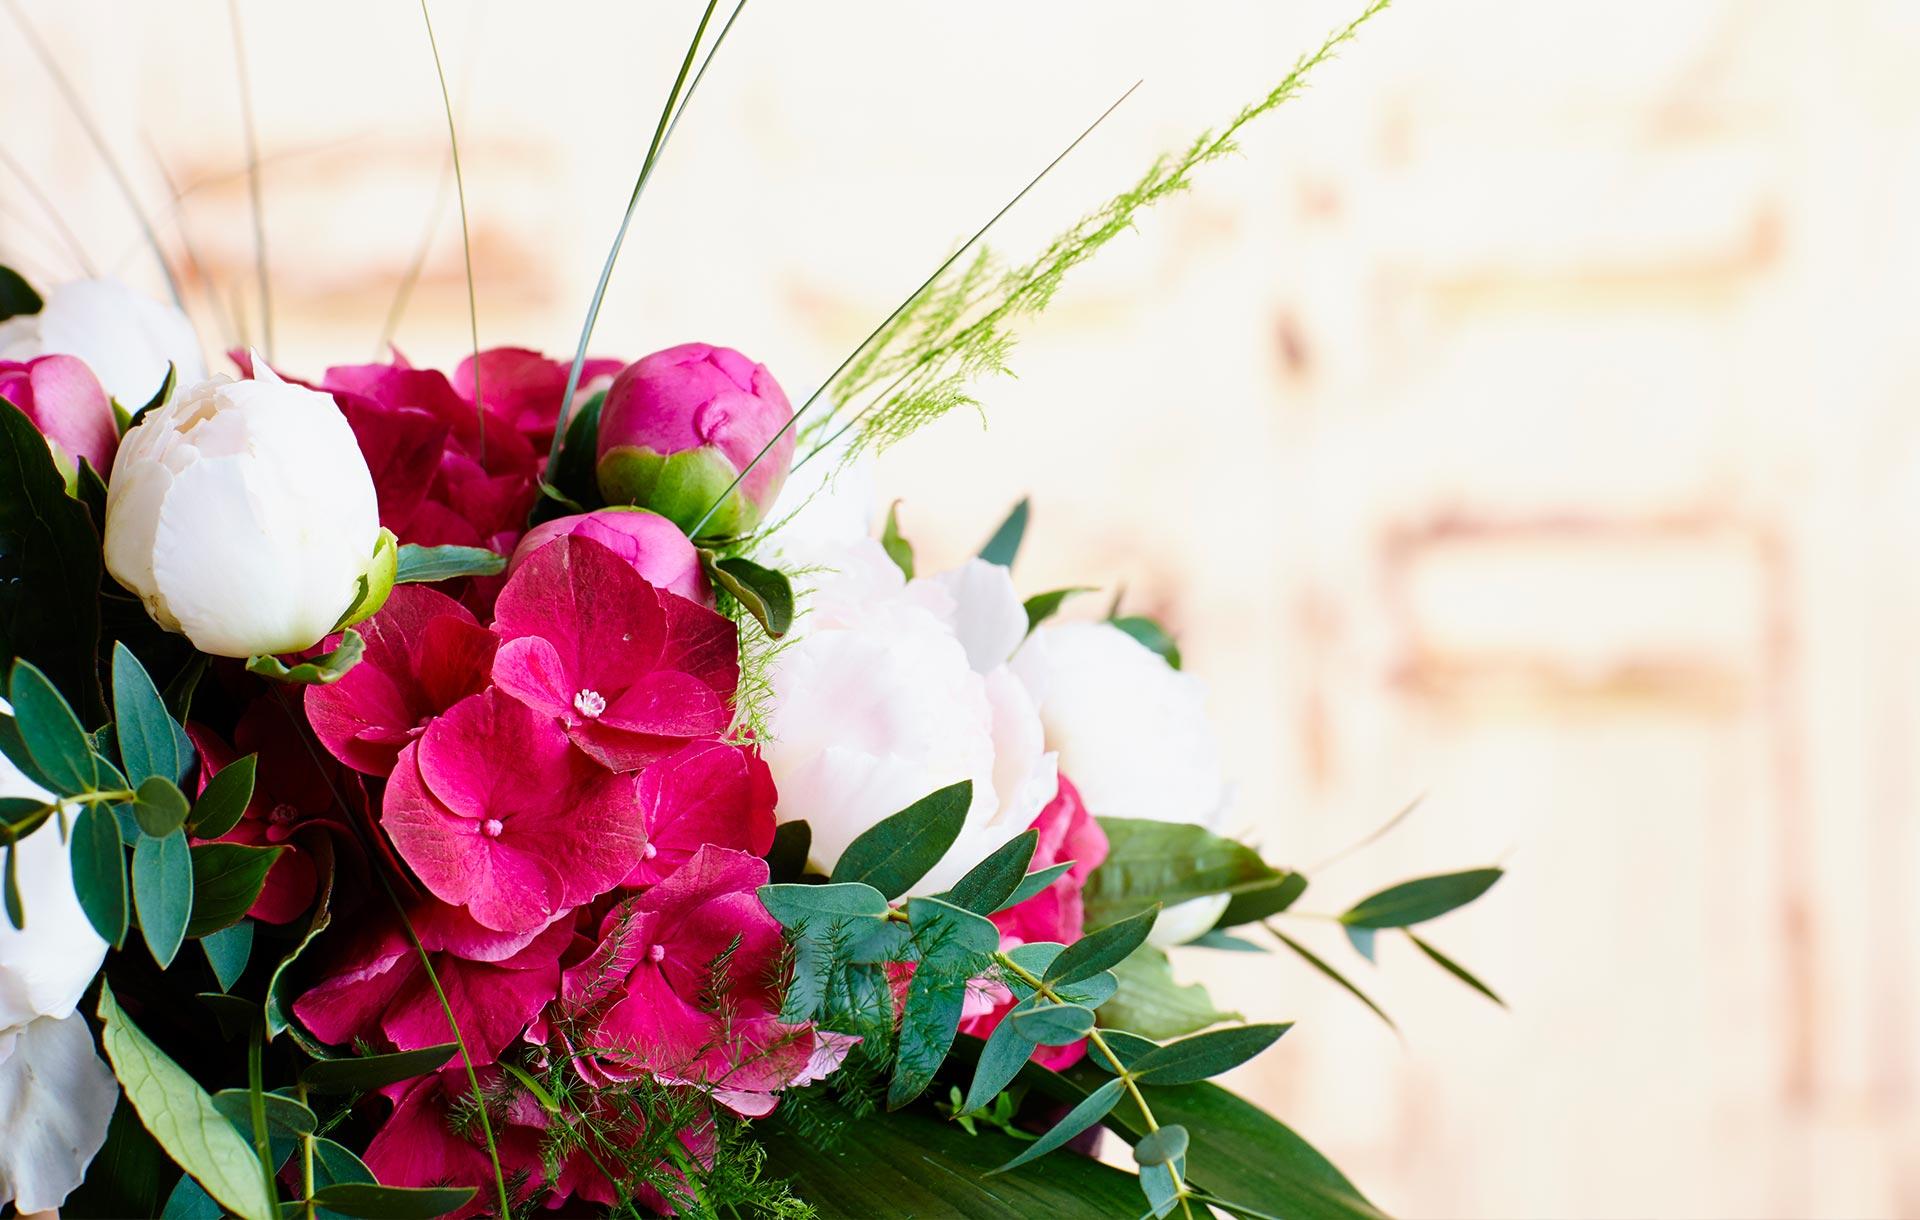 <strong>Com cuidar les plantes</strong><br>Consells per allargar al màxim la vida de les plantes